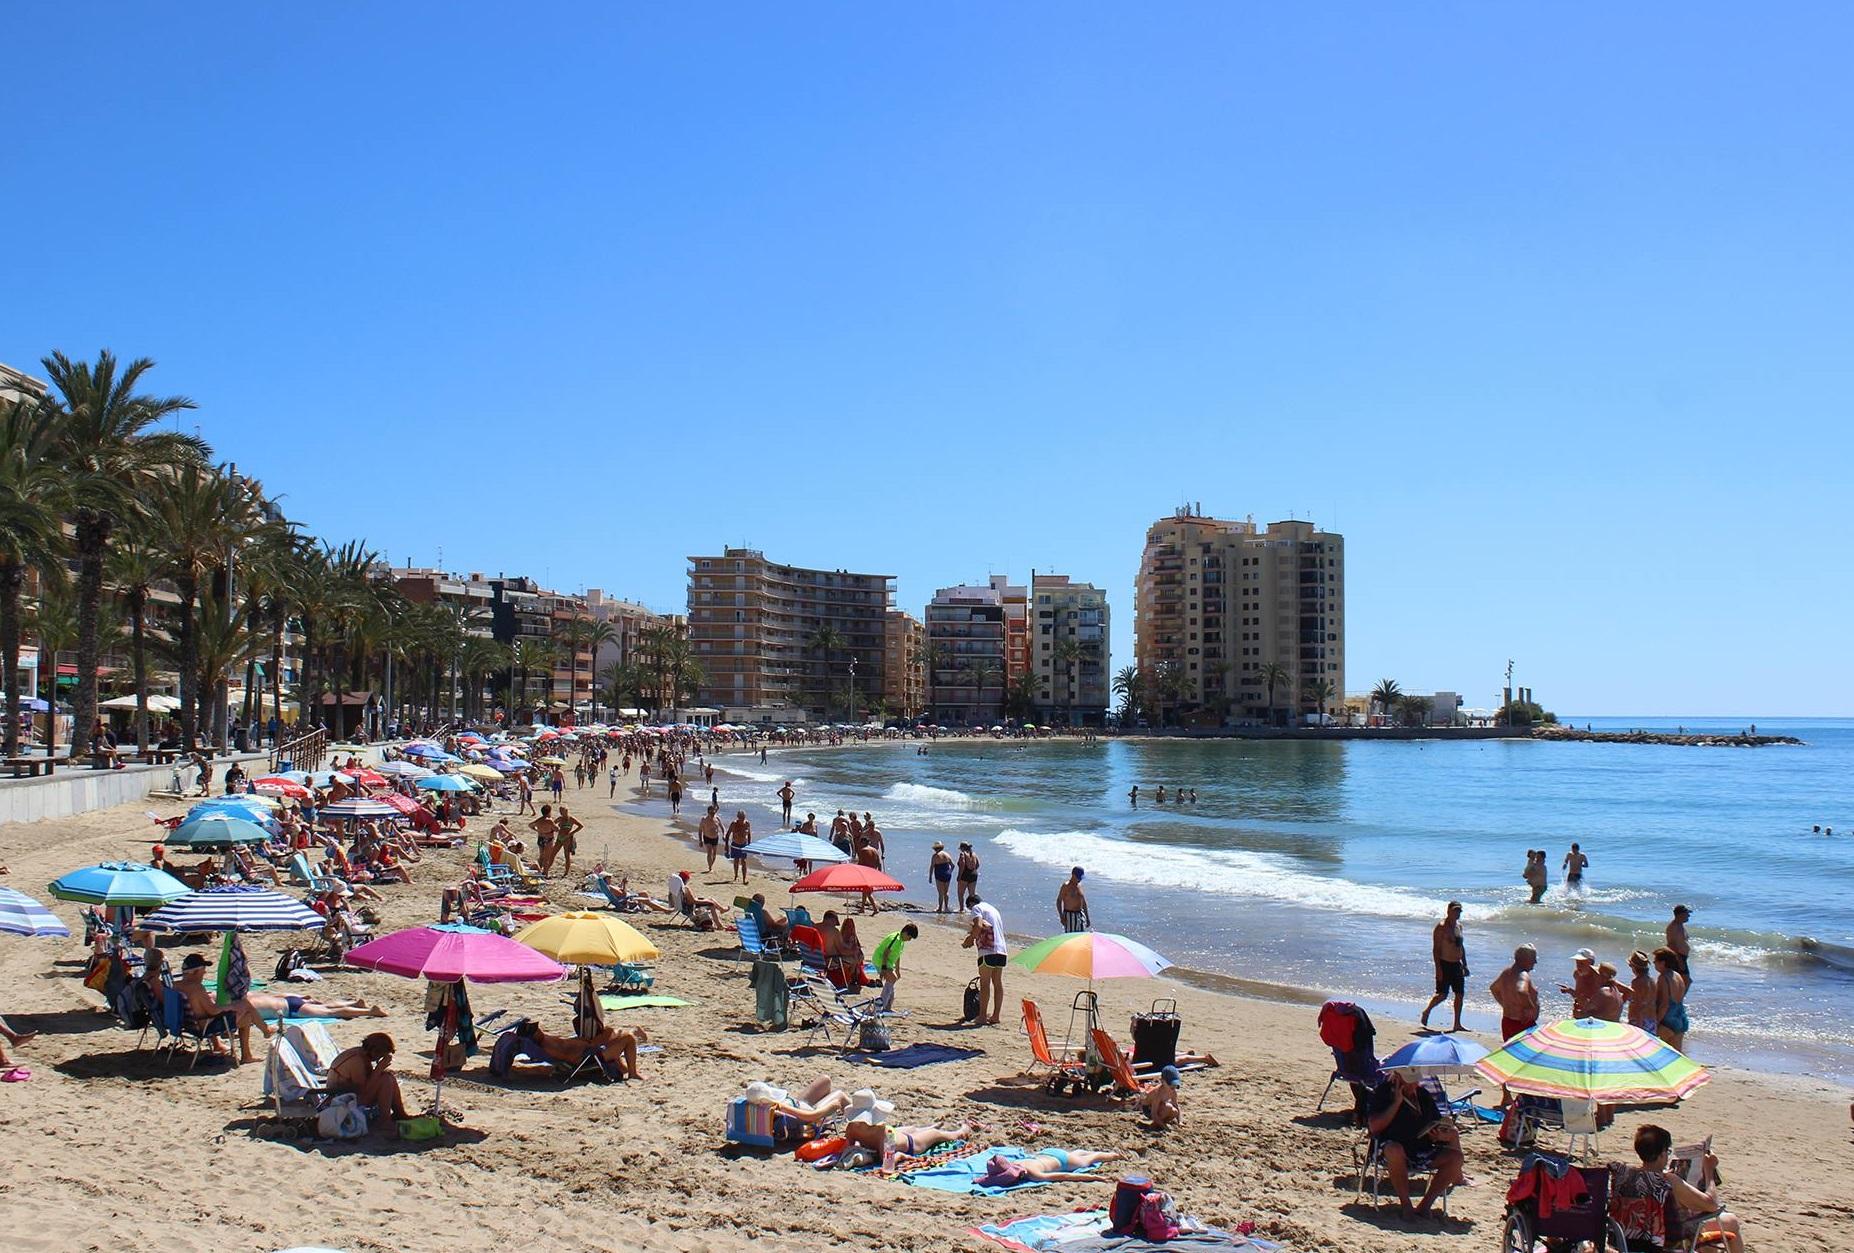 Foto de la playa de Torrevieja un día soleado y con la gente disfrutando del mar con sus sombrillas